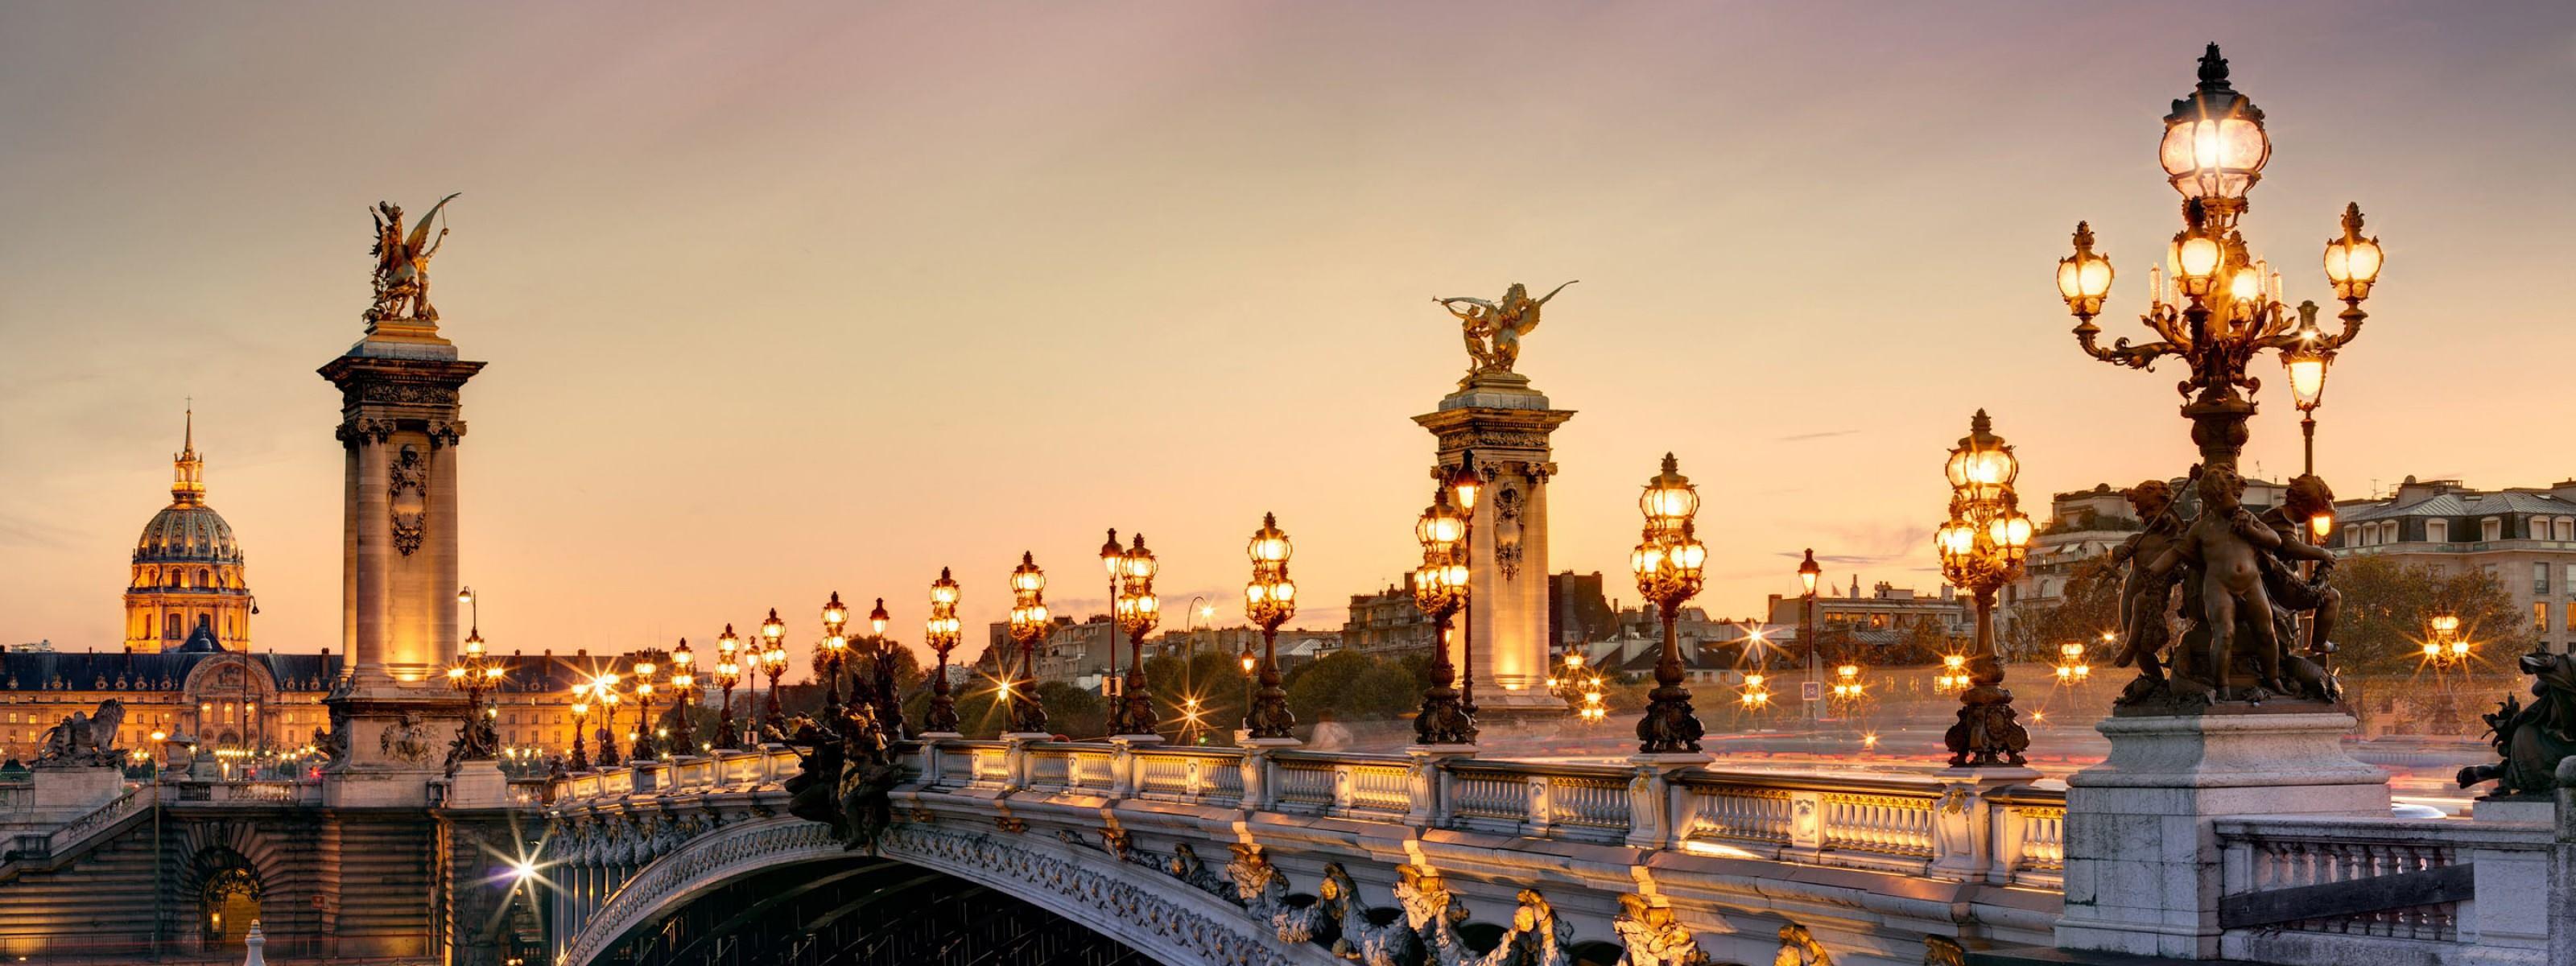 Αποτέλεσμα εικόνας για Παρίσι